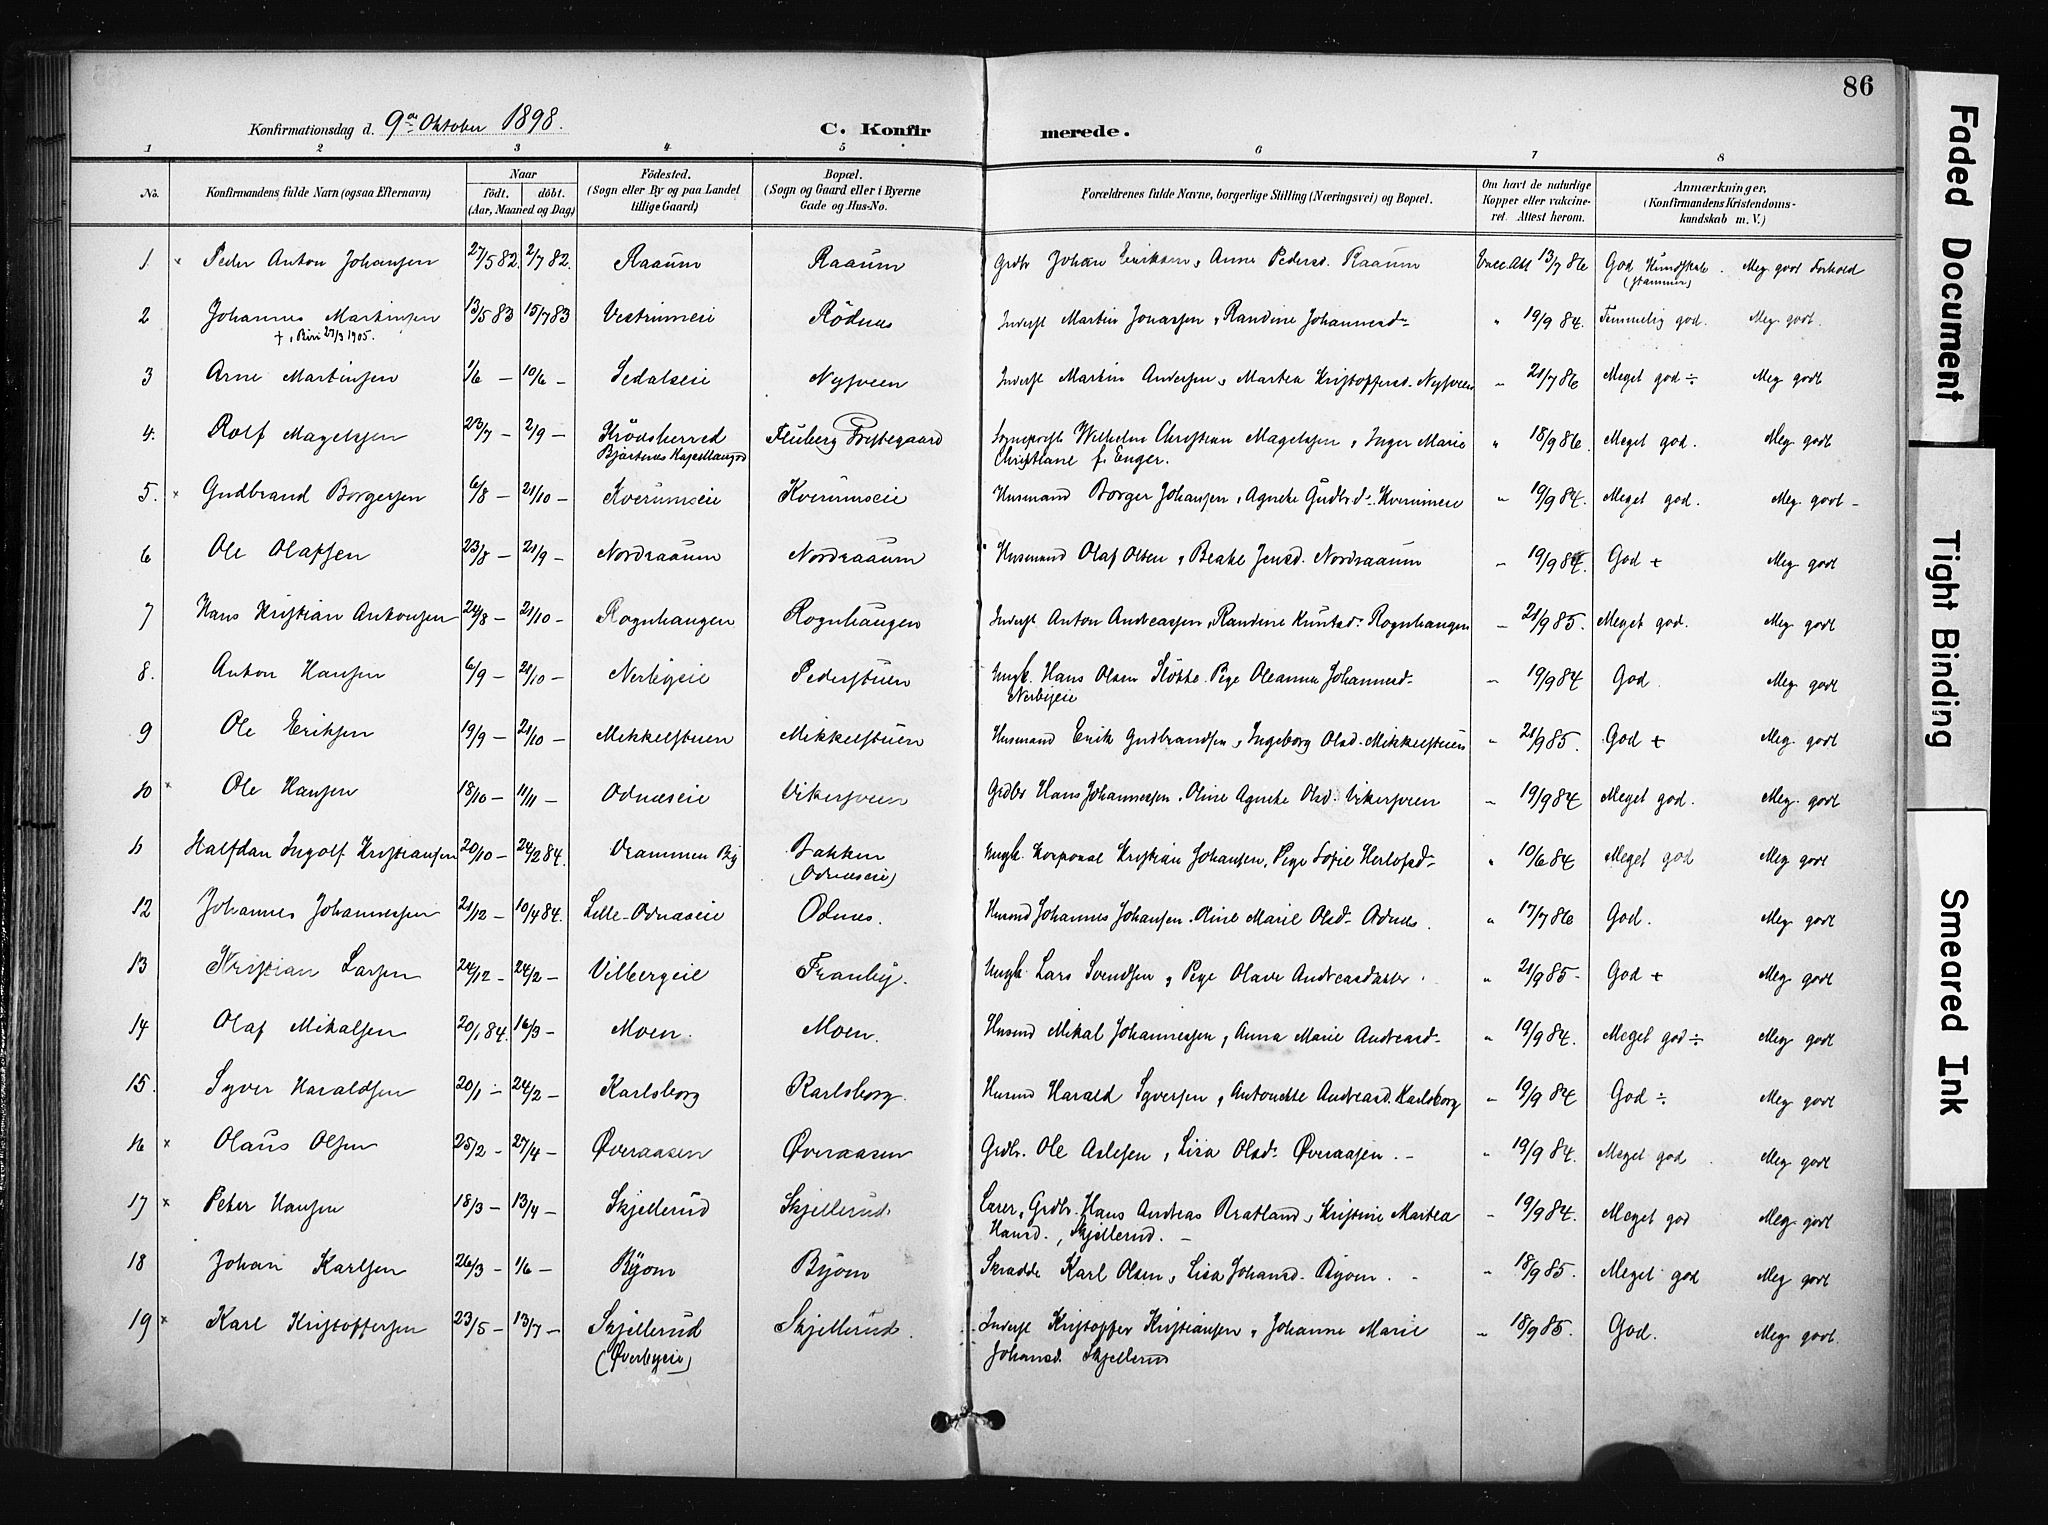 SAH, Søndre Land prestekontor, K/L0004: Ministerialbok nr. 4, 1895-1904, s. 86